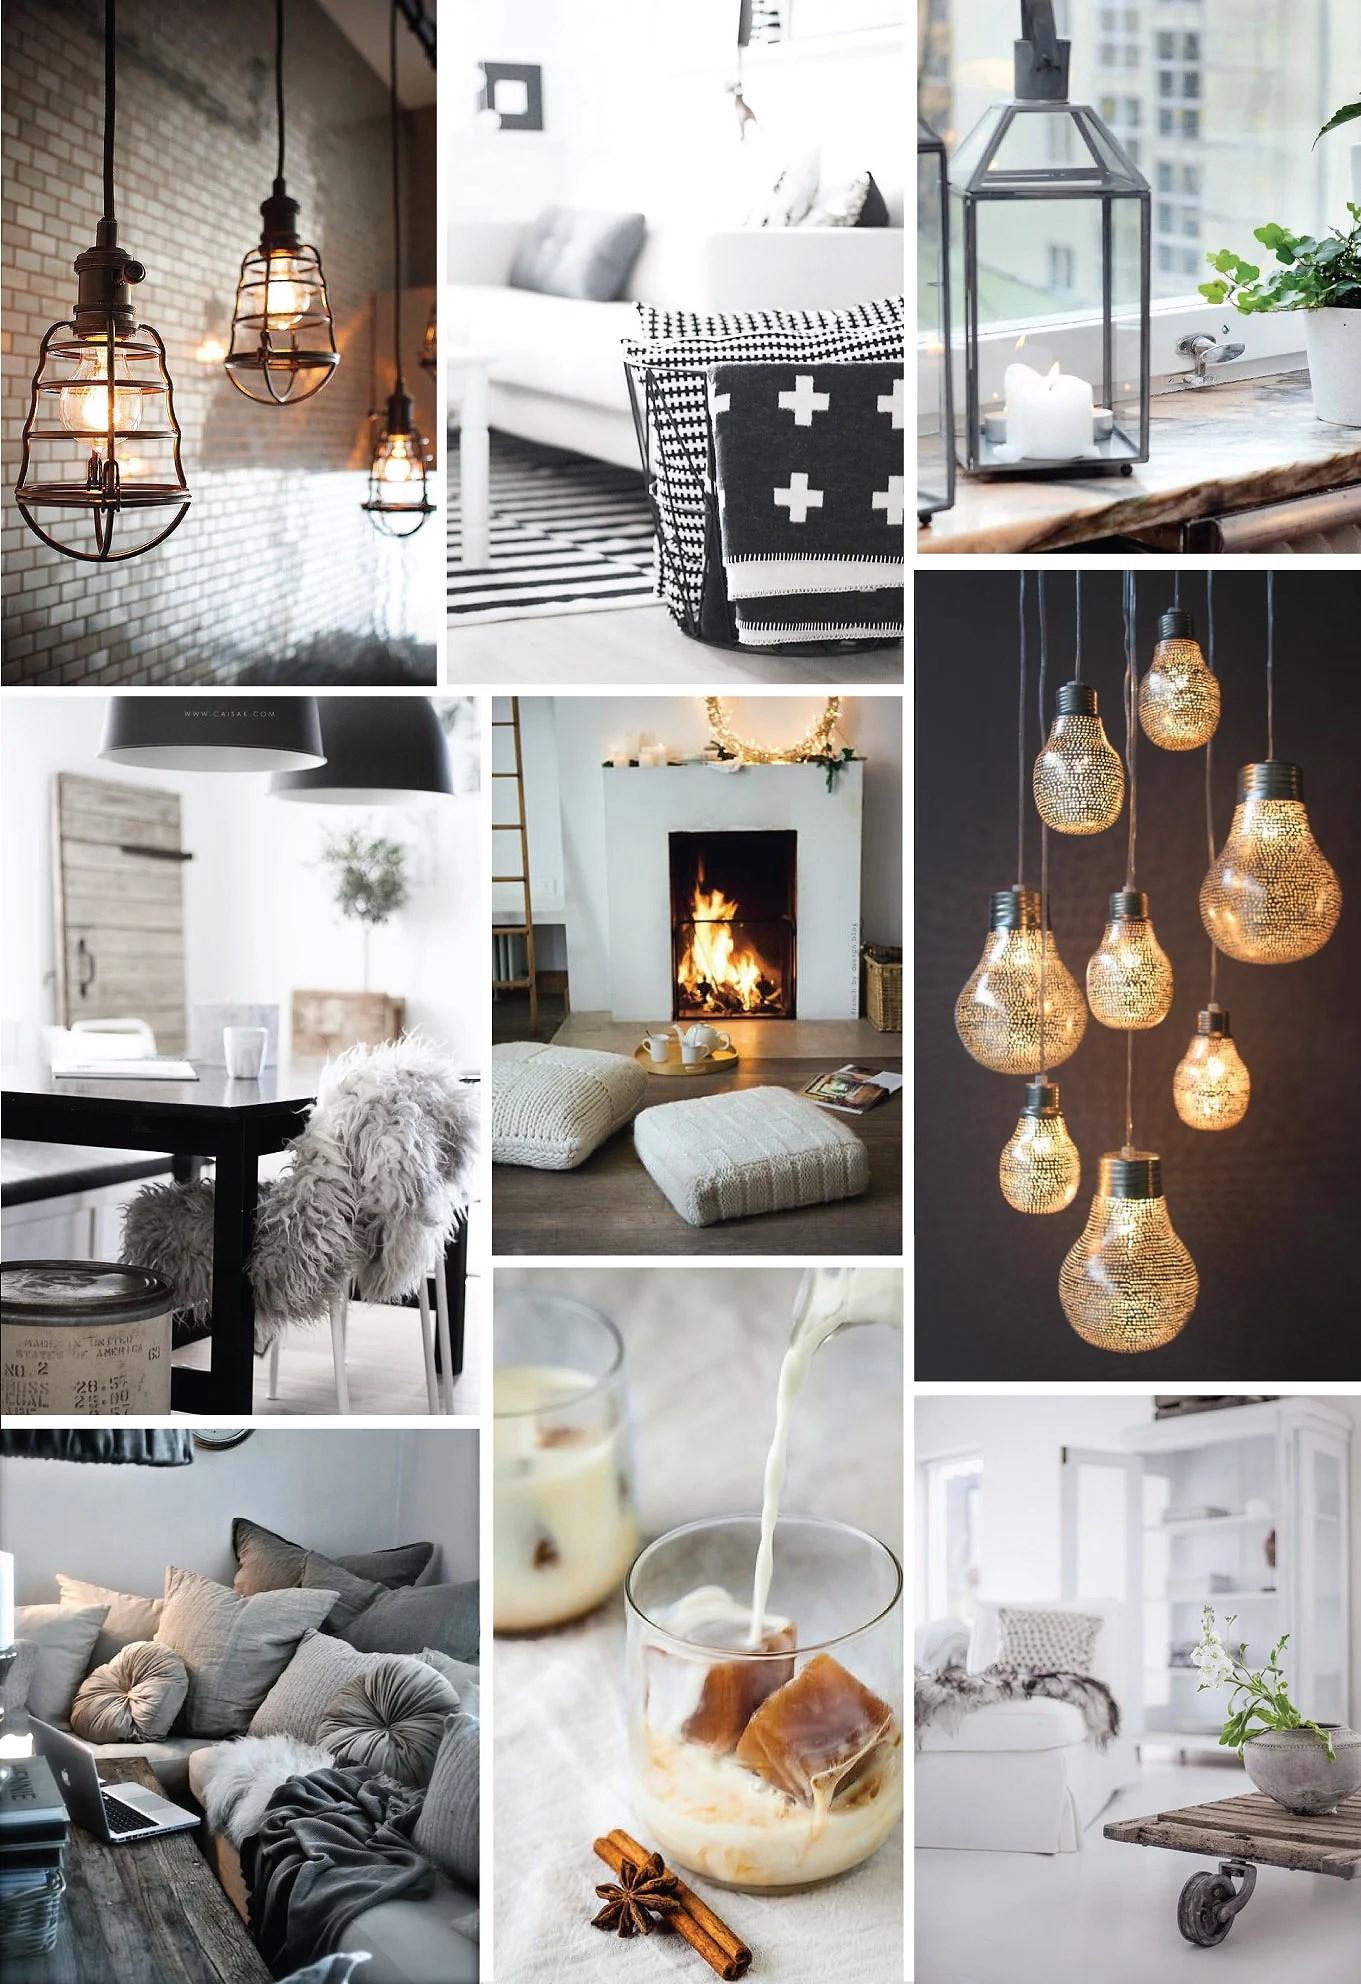 Dansk modeblog, Dansk mode, Modeblogger, Itsmypassions